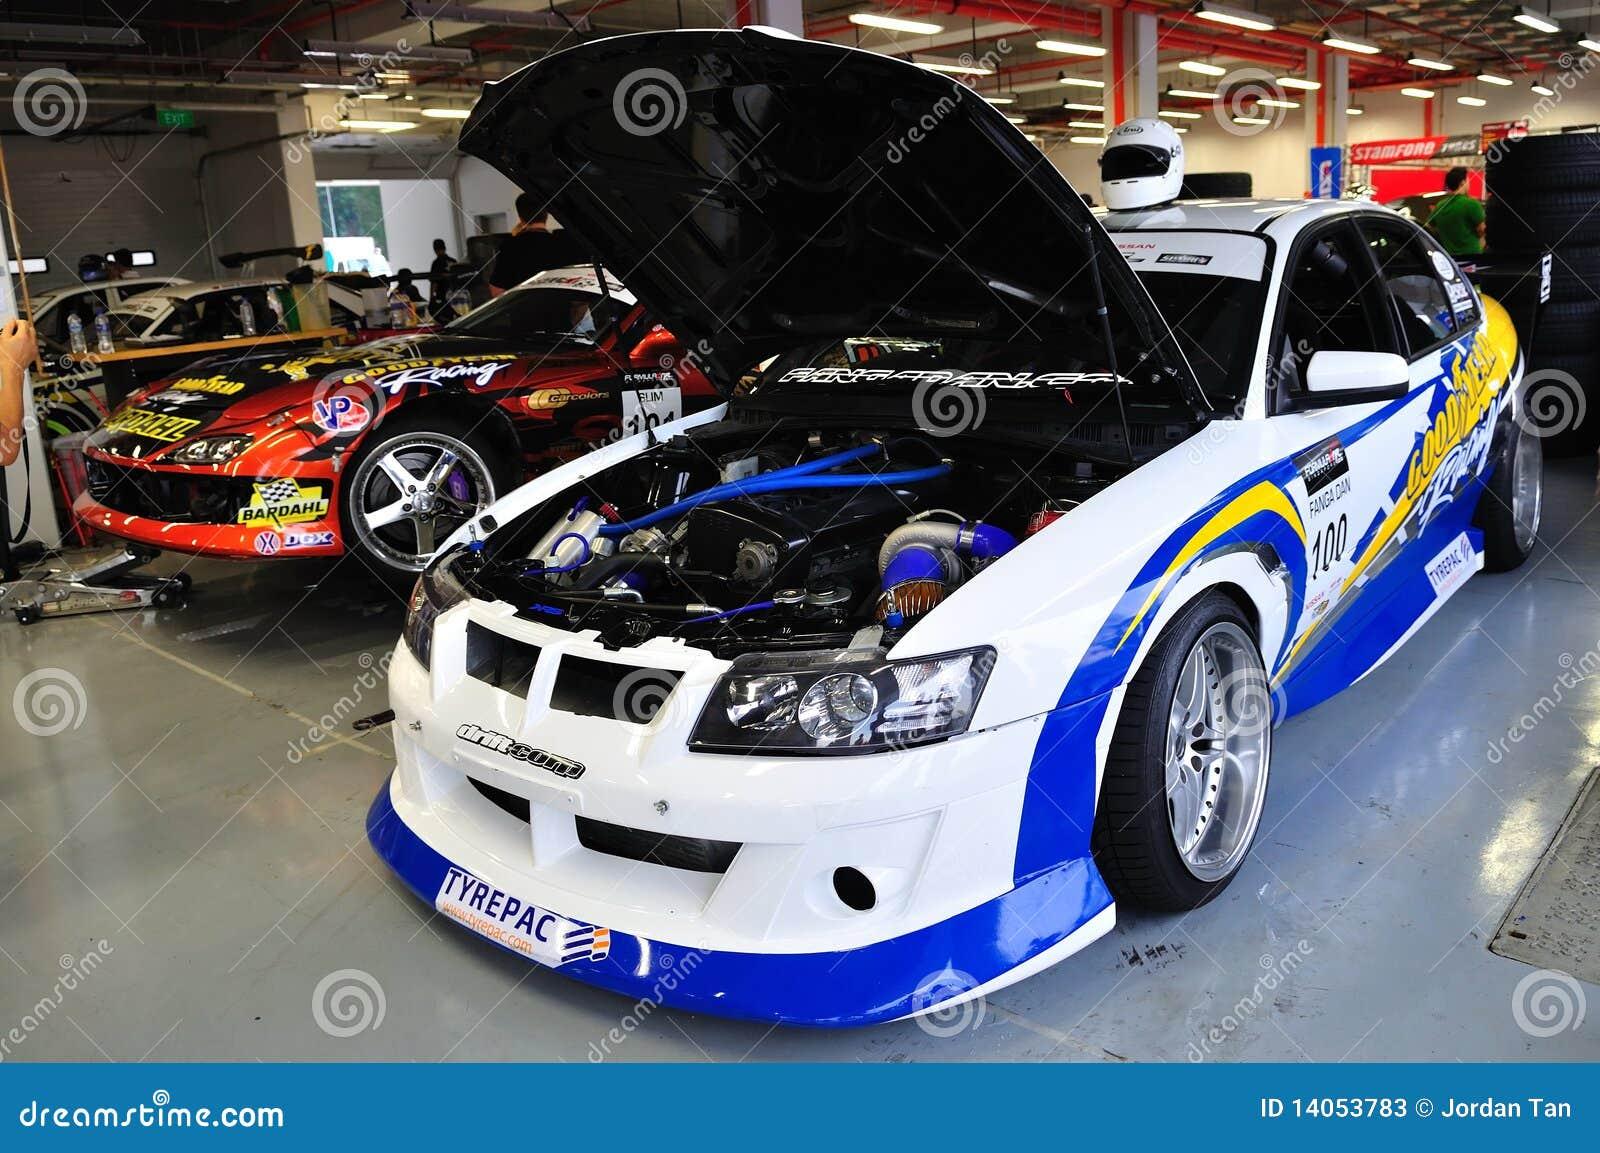 Holden GTO drift car at Formula Drift 2010